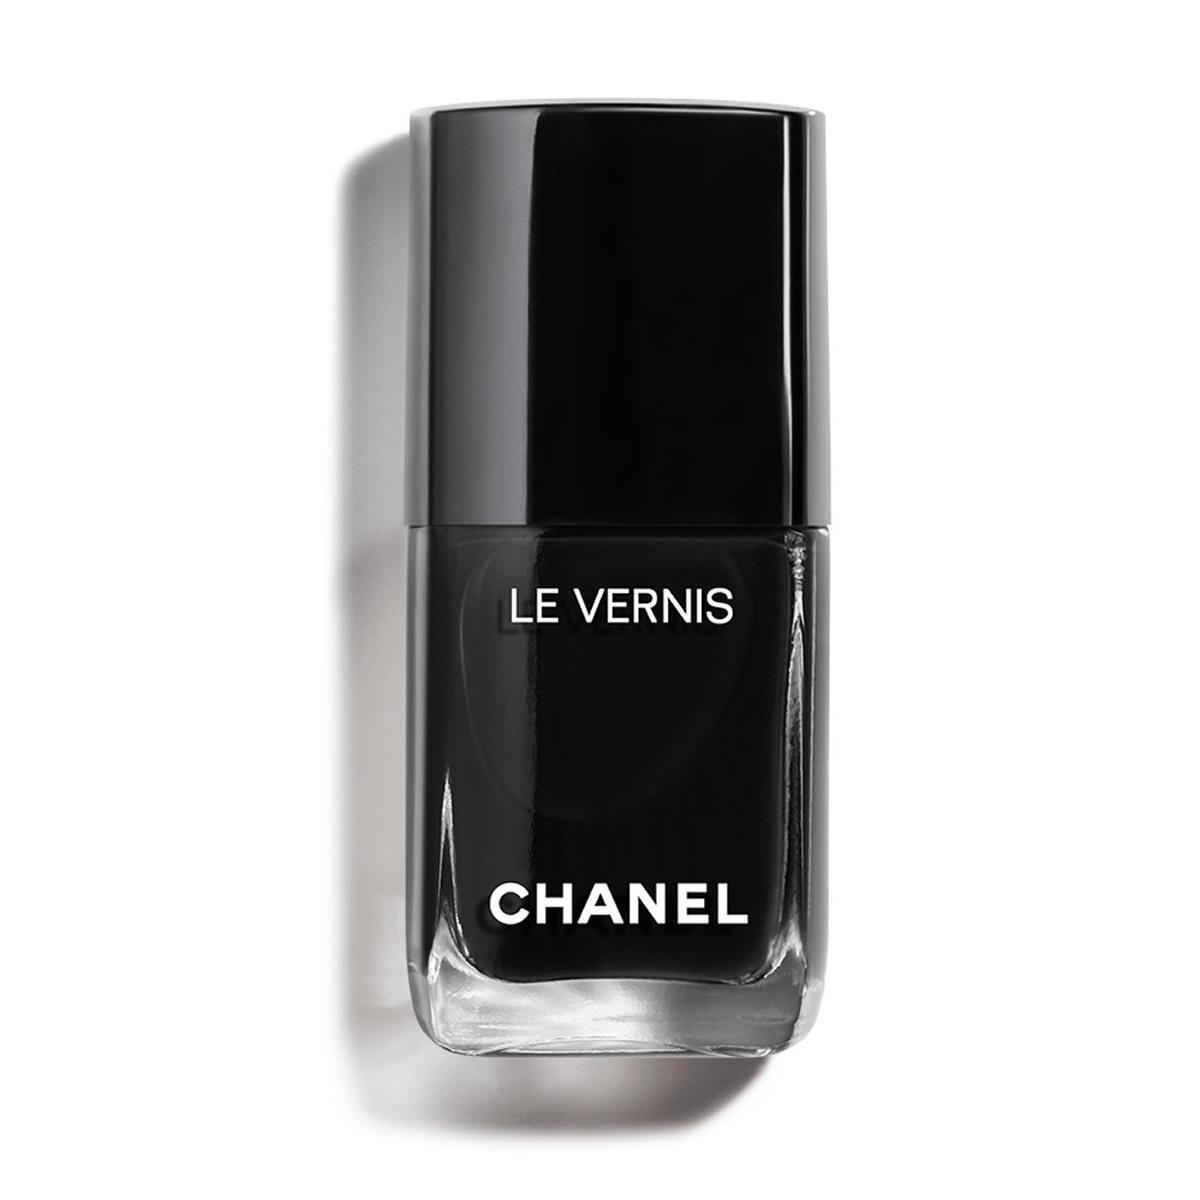 Laca de uñas Pure Black Le Vernis de Chanel.